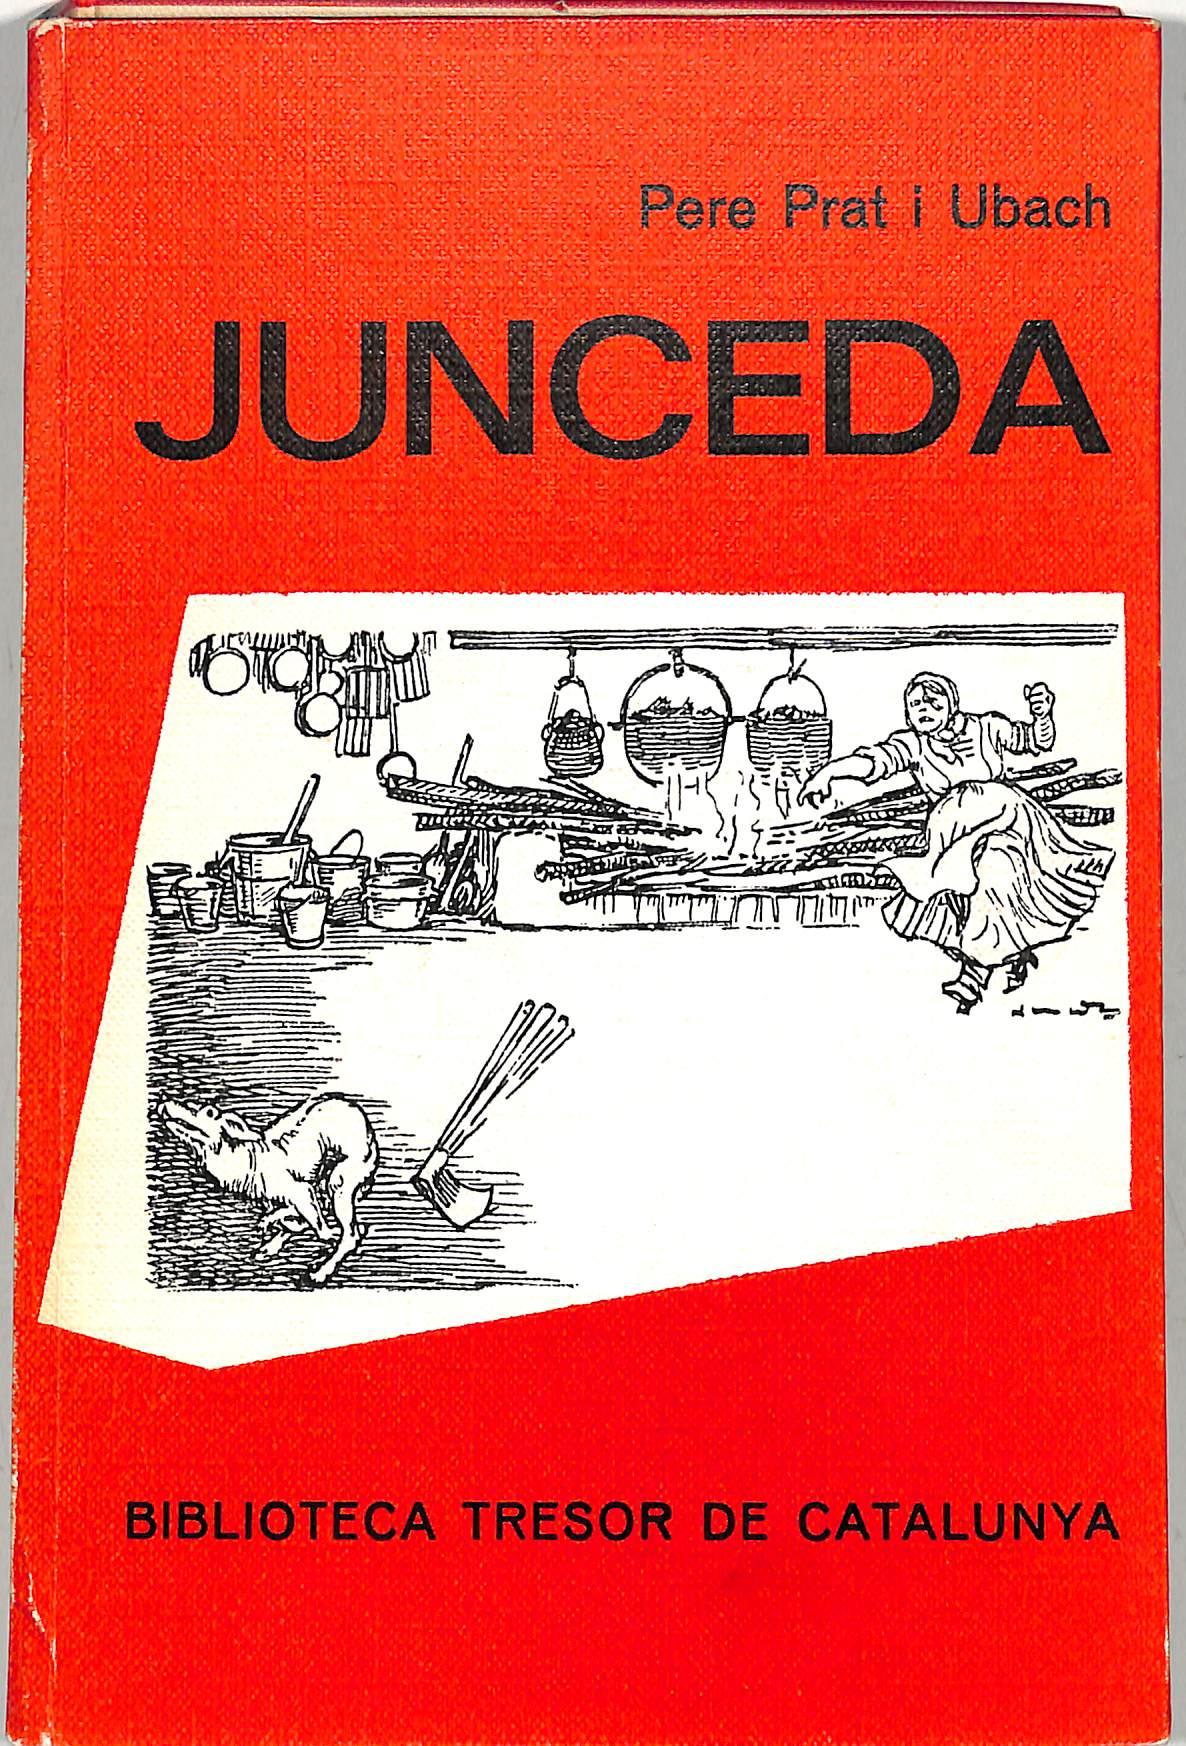 FULCANELLI EL DUEÑO DEL SECRETO - Jose Luis Corral